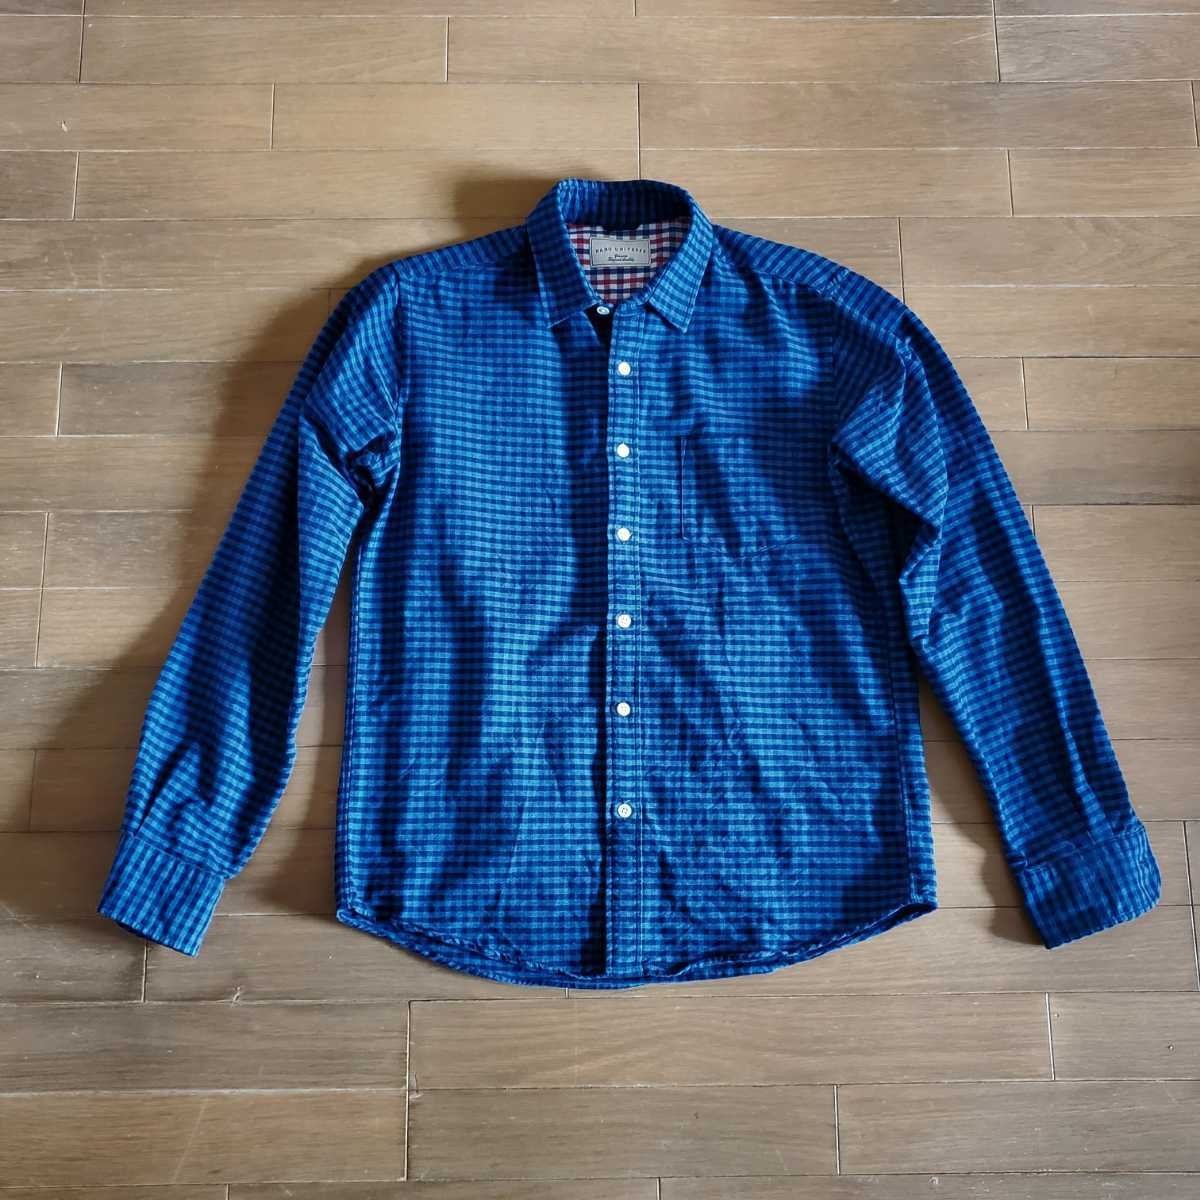 ナノユニバース nano universes チェックシャツ ブルー×ネイビー XLサイズ 2回だけ着用 ダメージ無しの超美品_画像1